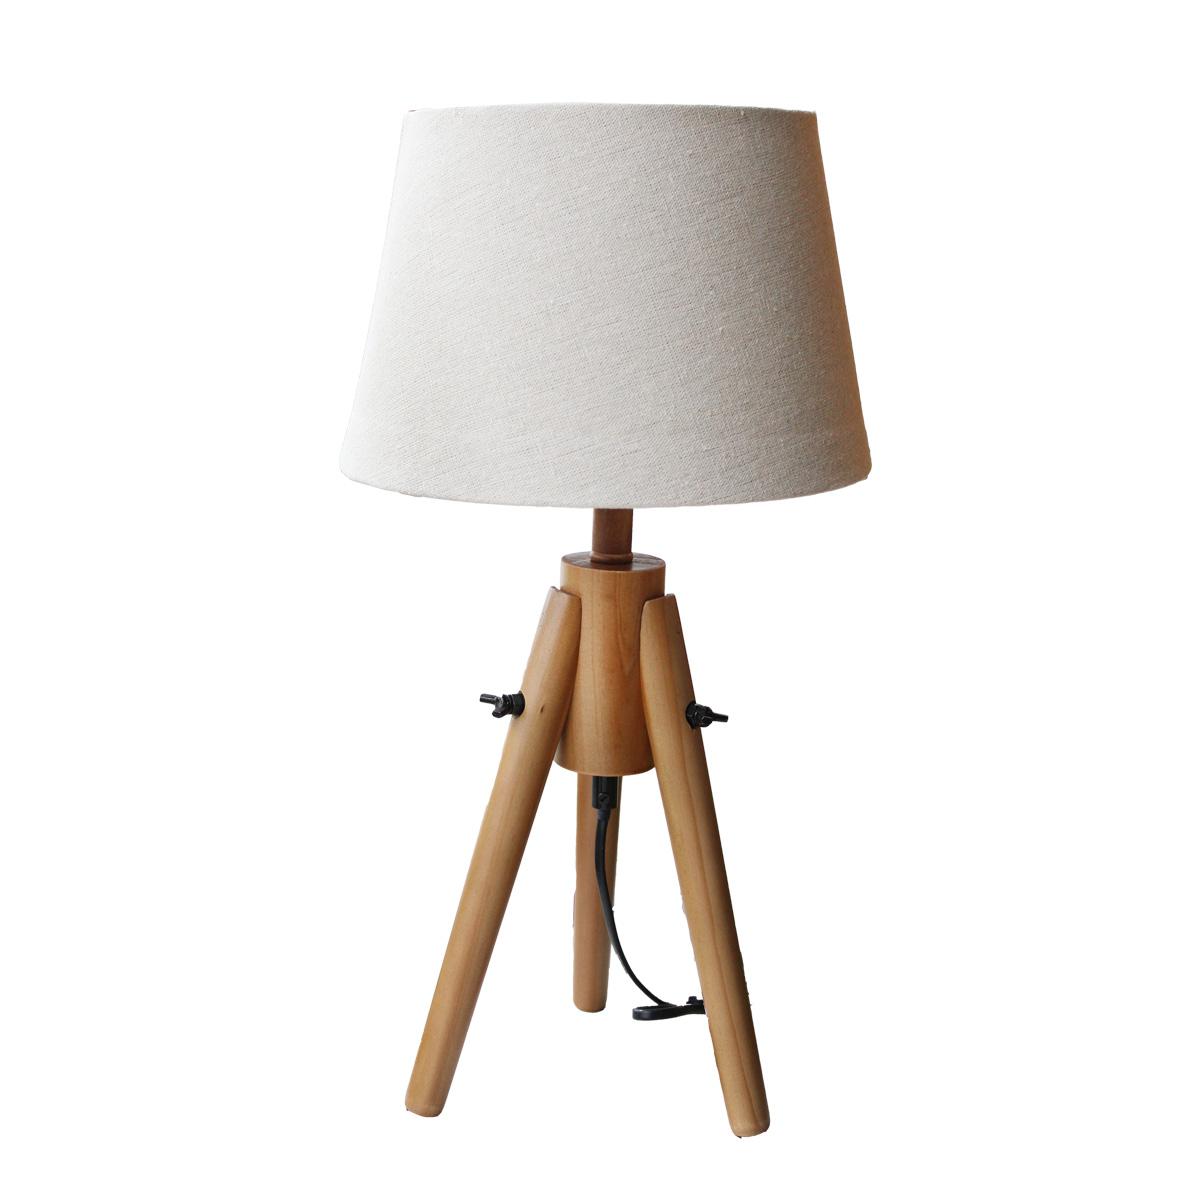 Stona lampa CHJ-027O